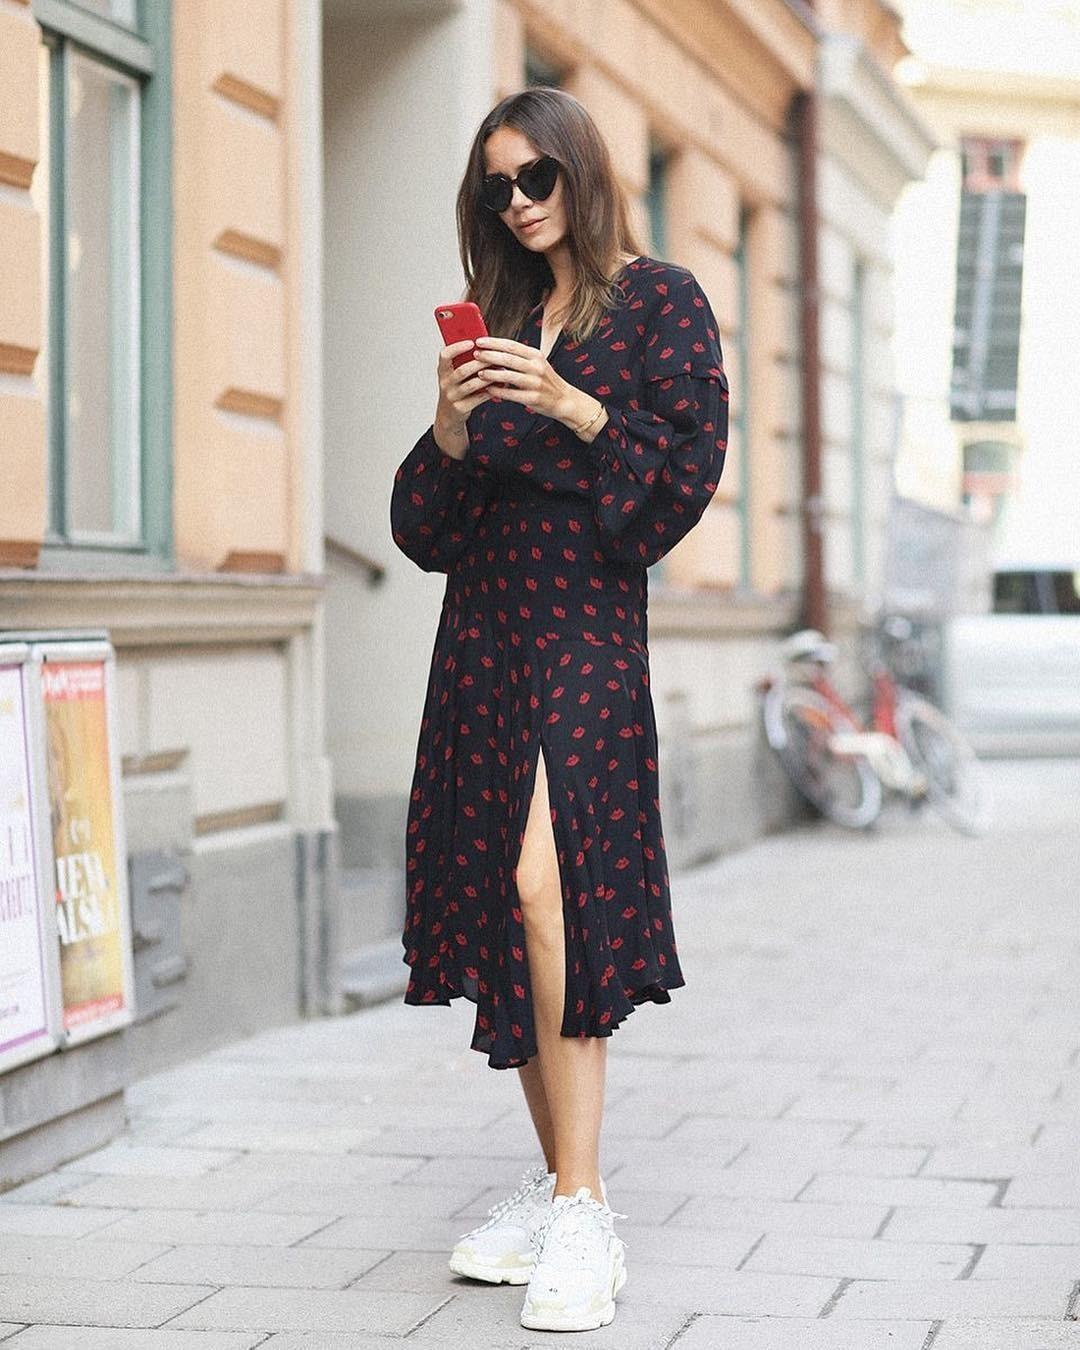 В повседневном образе можно позволить себе намного больше. Платье-рубашку, джинсовые, трикотажные, шелковые платья можно сочетать с самыми разнообразными моделями кроссовок: будь то пара...